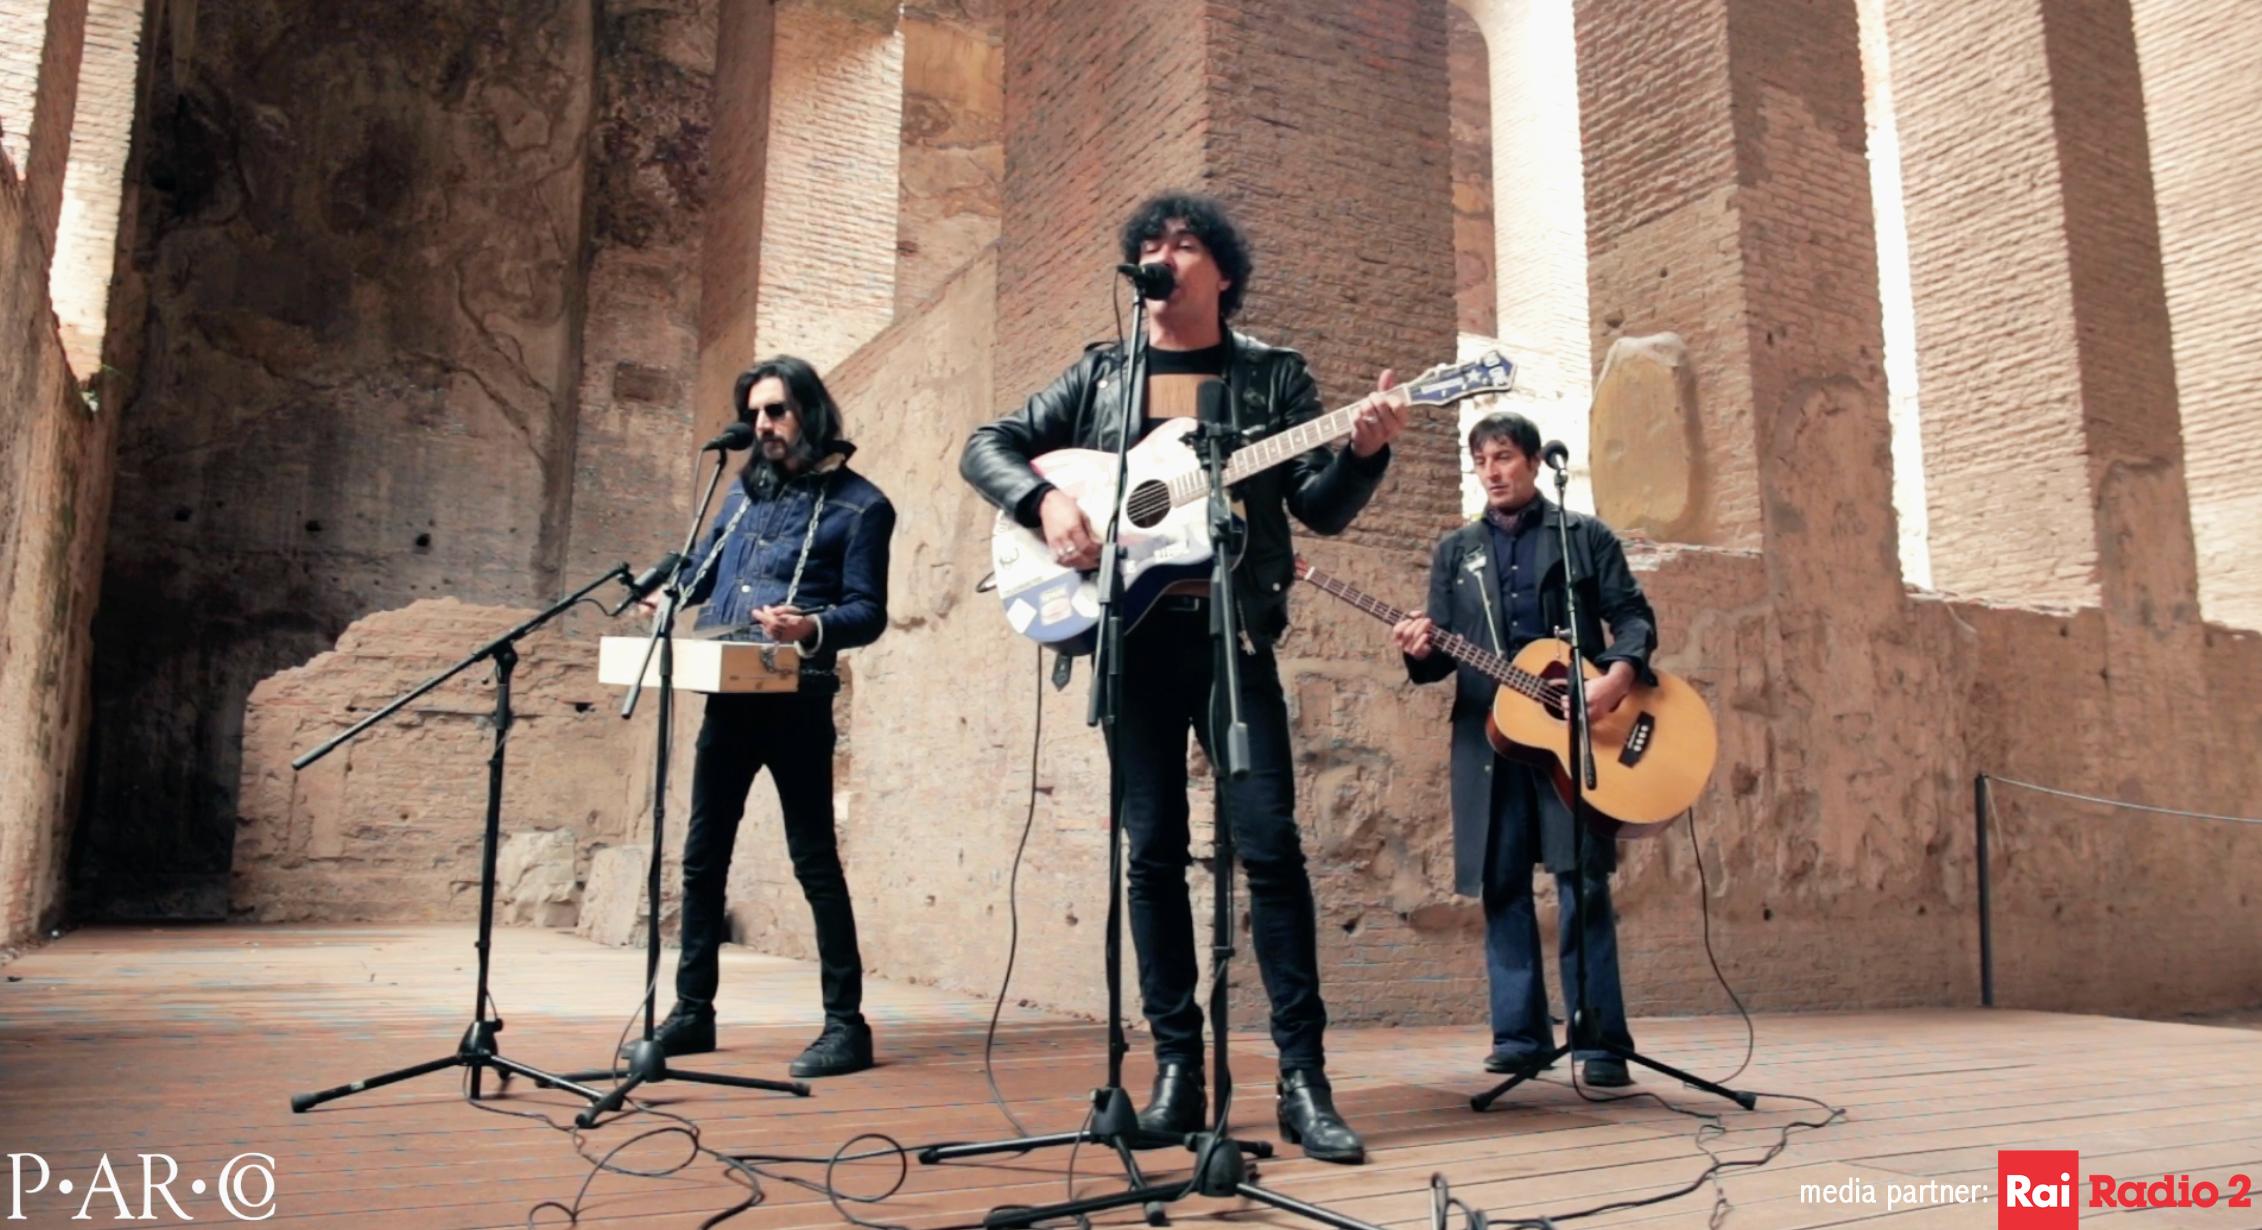 Rai Radio2: cantautori e gruppi rock in onda dal Parco del Colosseo, la musica risuona tra le vestigia antiche